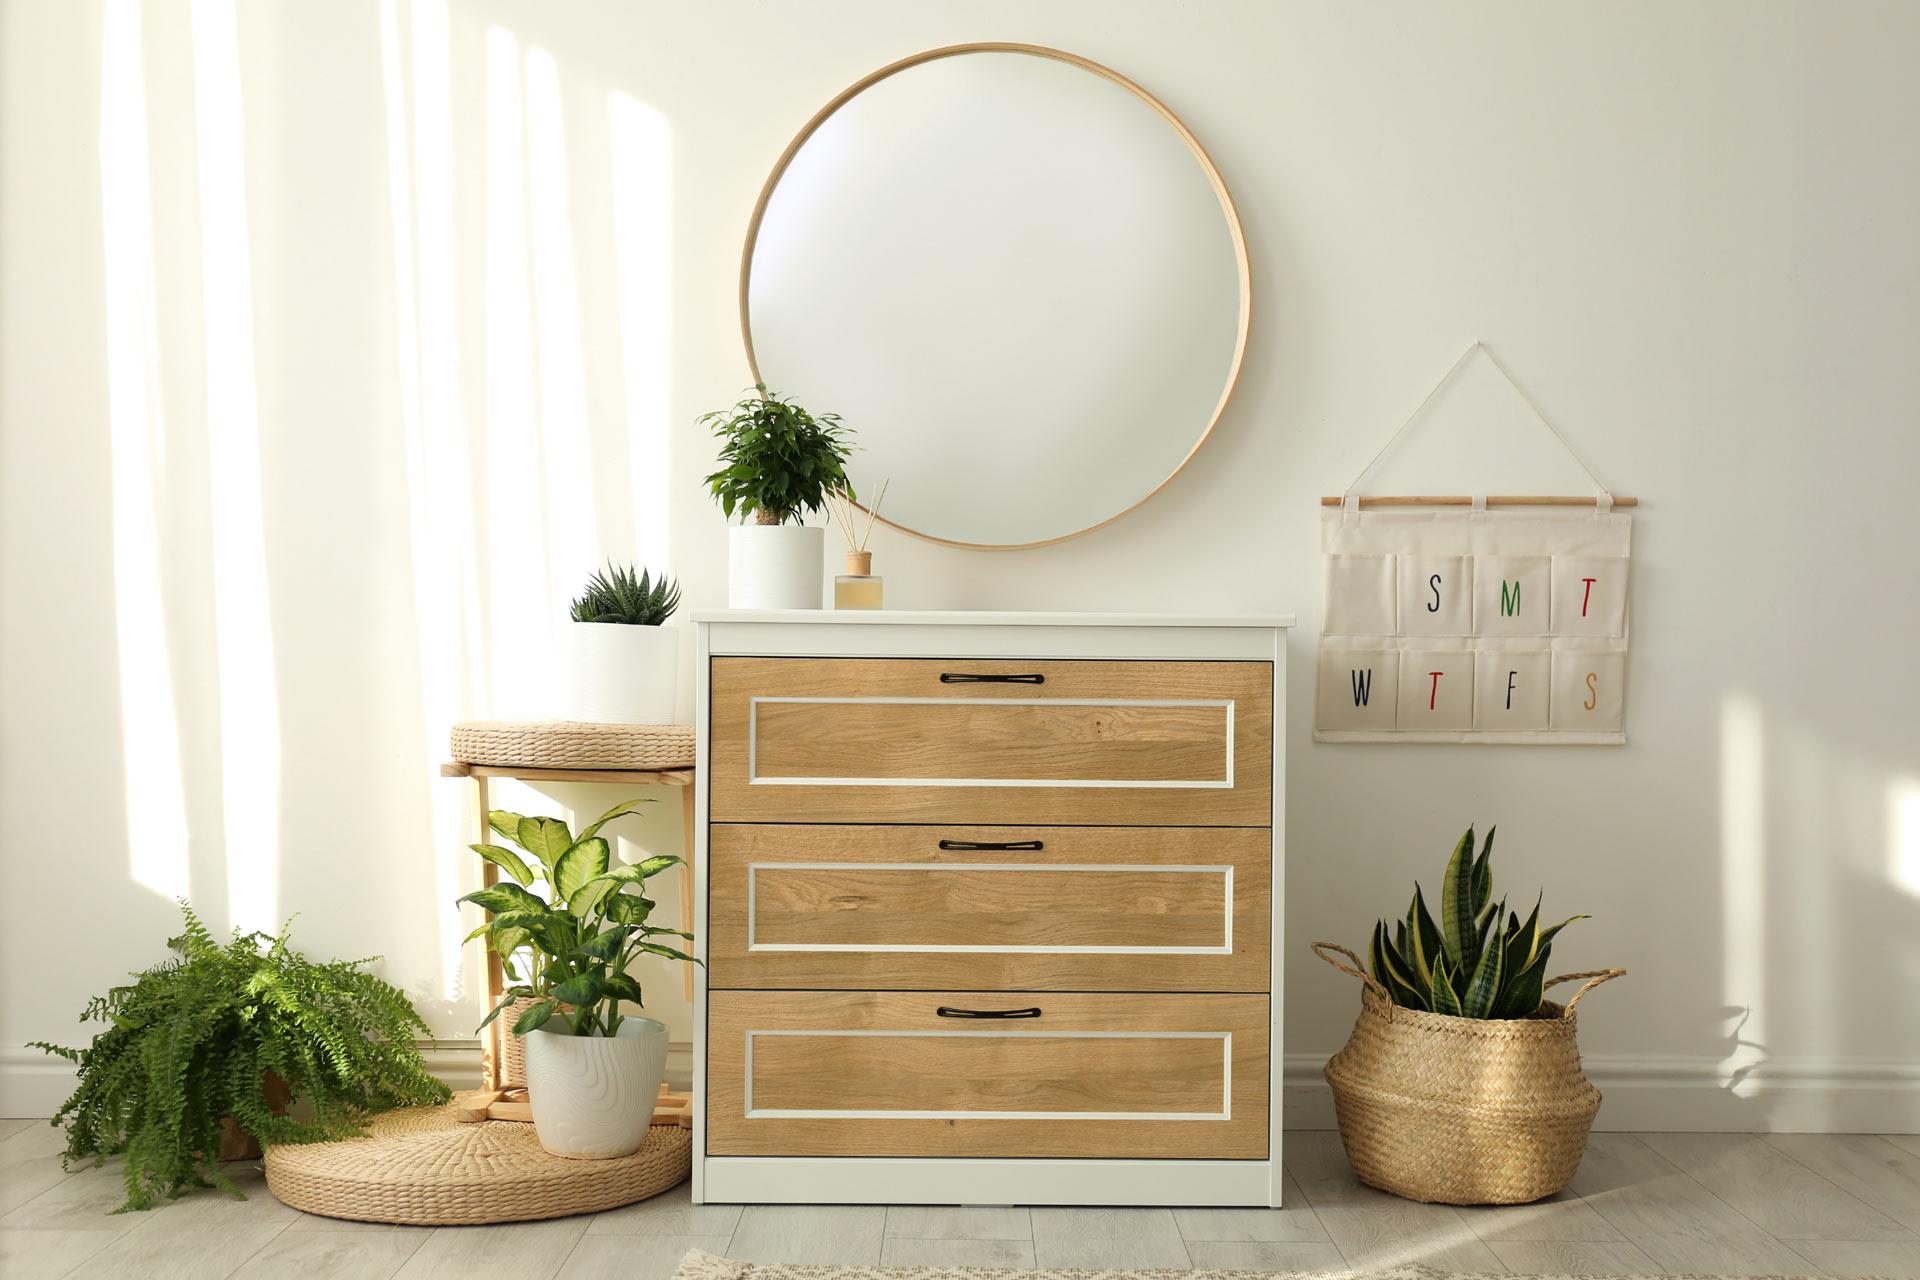 Holzfurnier mit Eichendekor zum Upcycling für Möbel